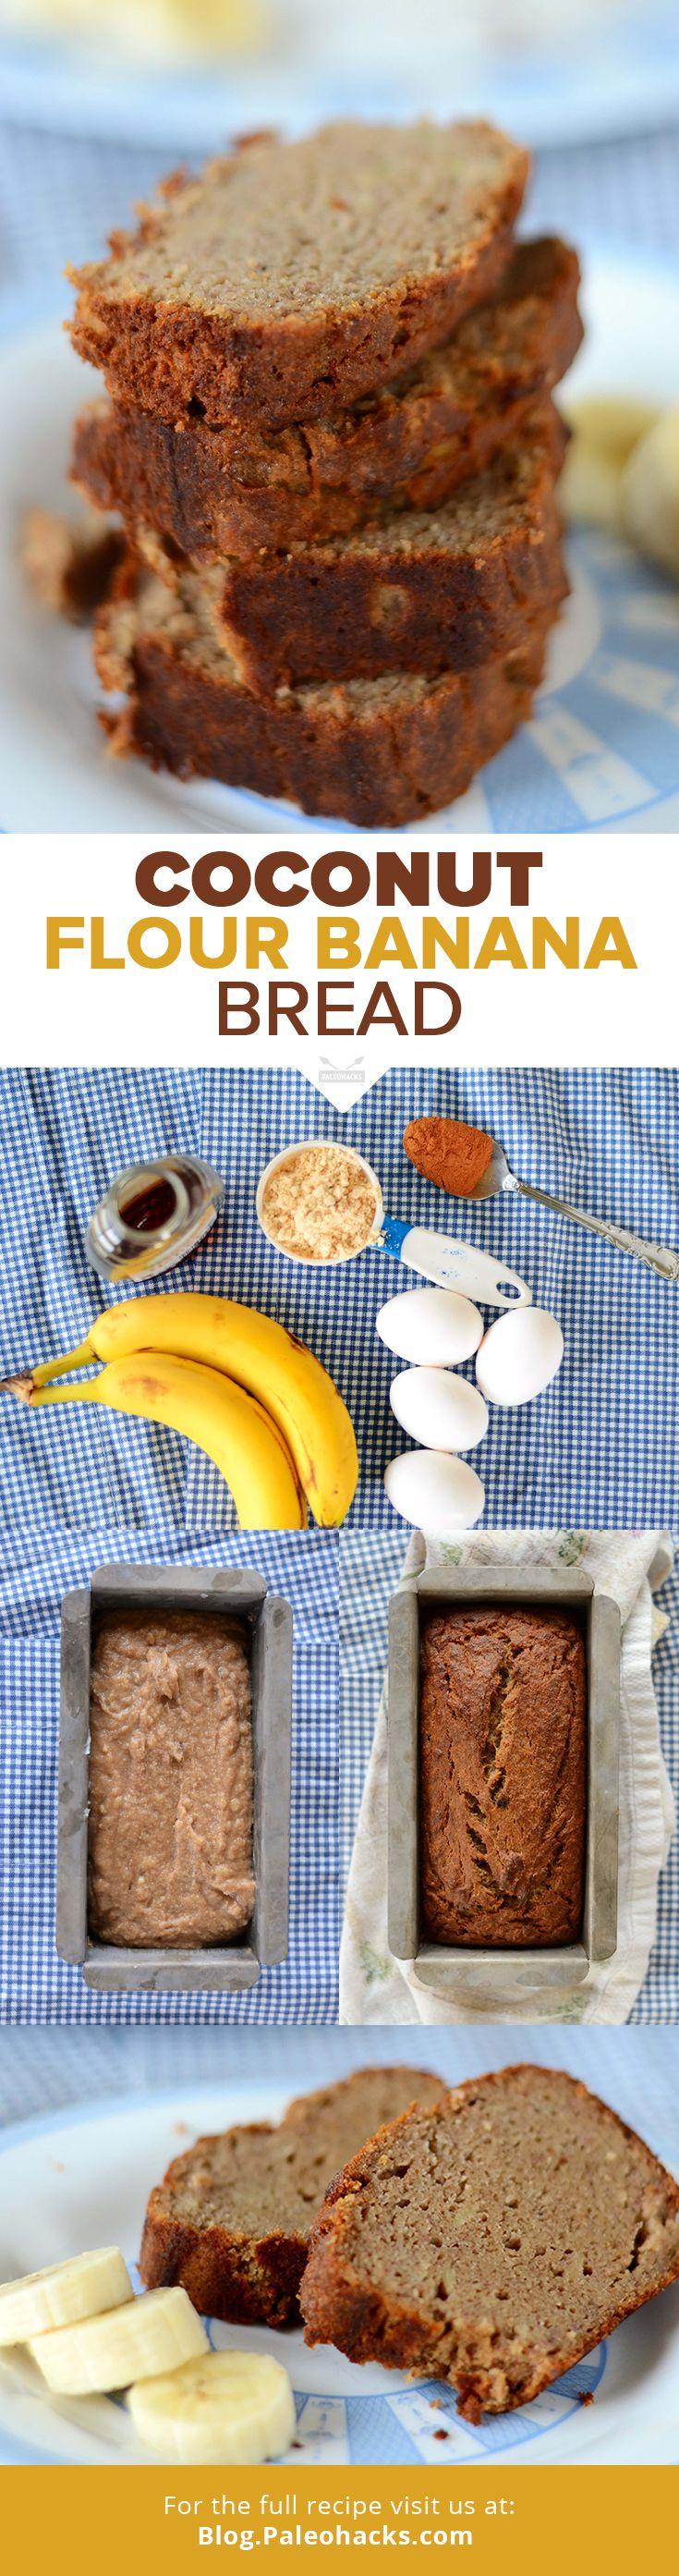 Keto Banana Bread Recipe Coconut Flour Banana Bread Recipe